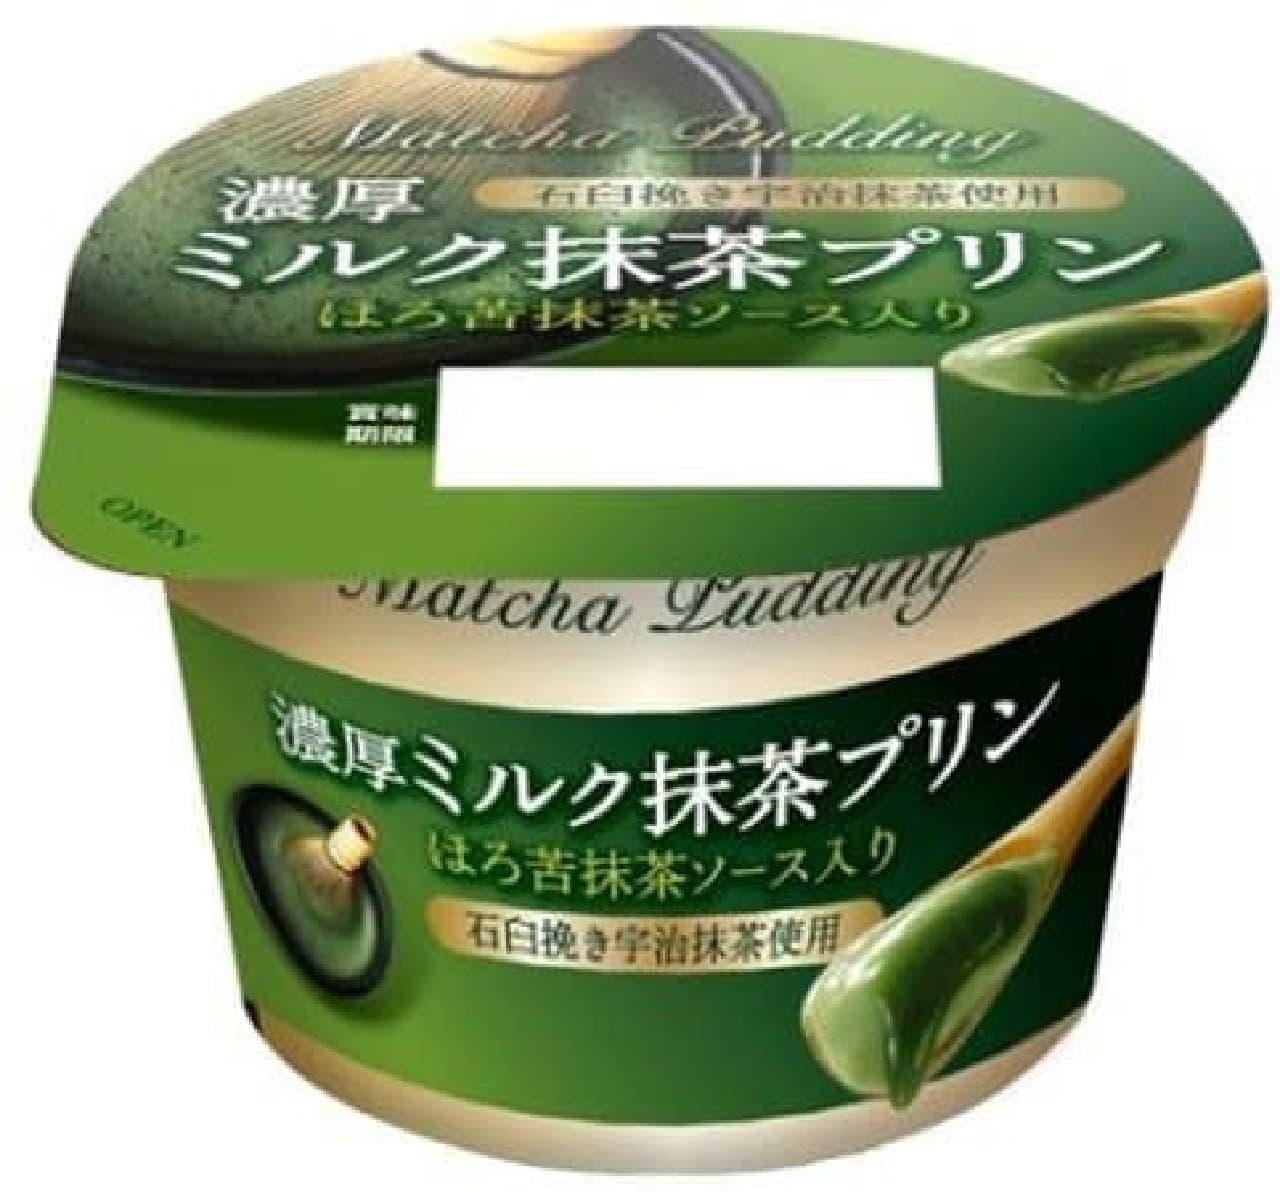 抹茶×抹茶の濃厚プリン発売